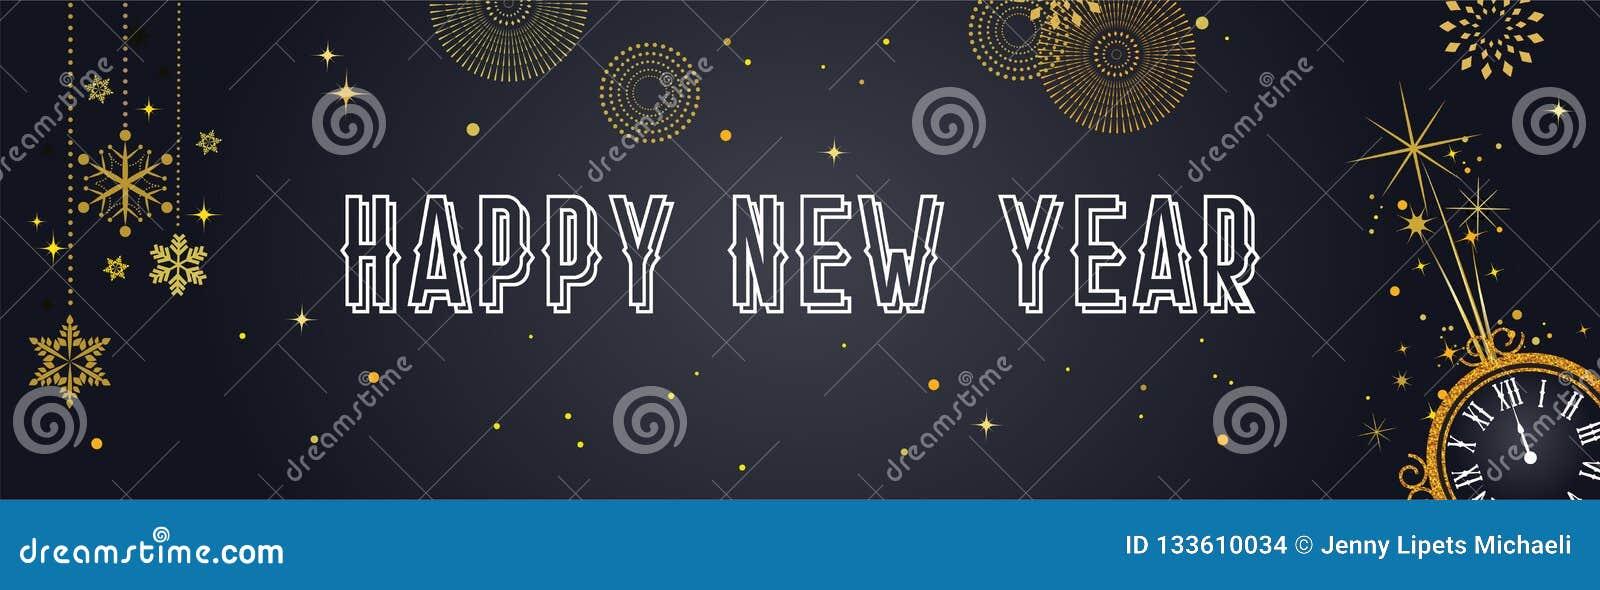 Gelukkige Nieuwjaarachtergrond met gouden vuurwerk Gouden en zwarte kaart en banner, feestelijke uitnodiging, kalenderaffiche of